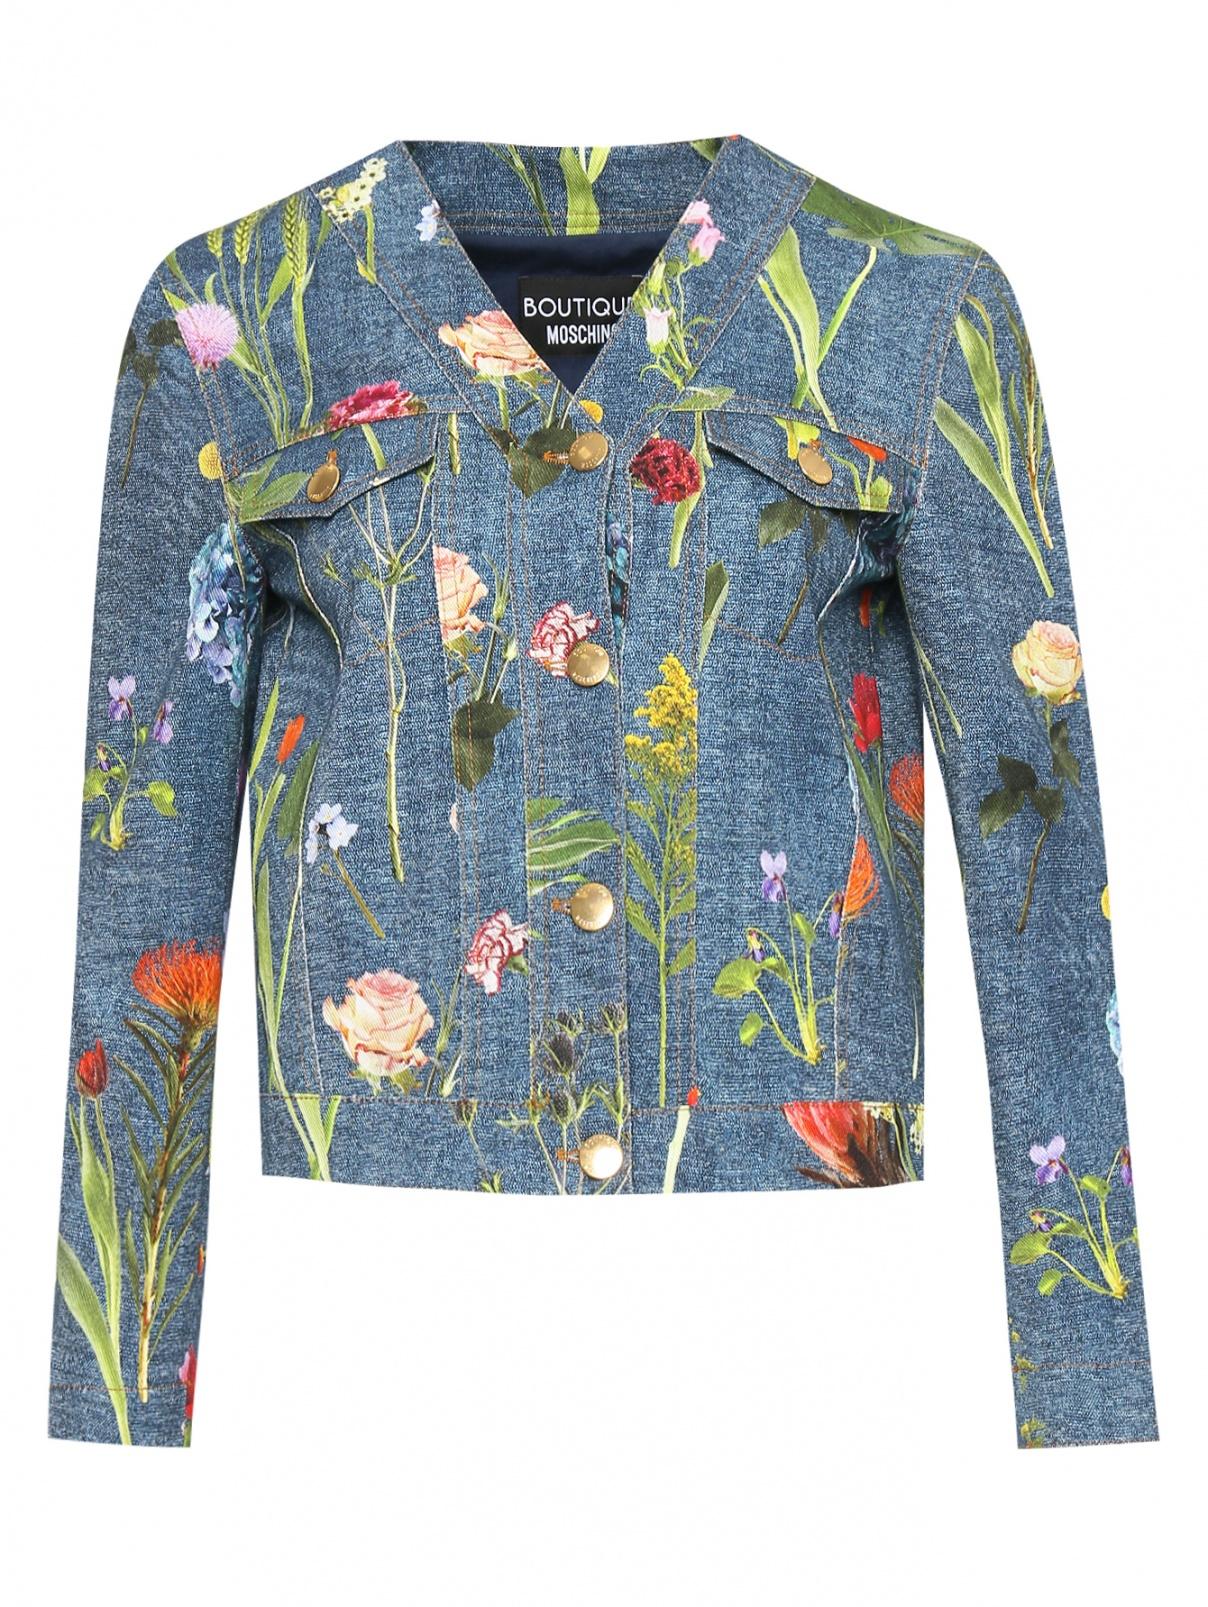 Джинсовый жакет с цветочным узором Moschino Boutique  –  Общий вид